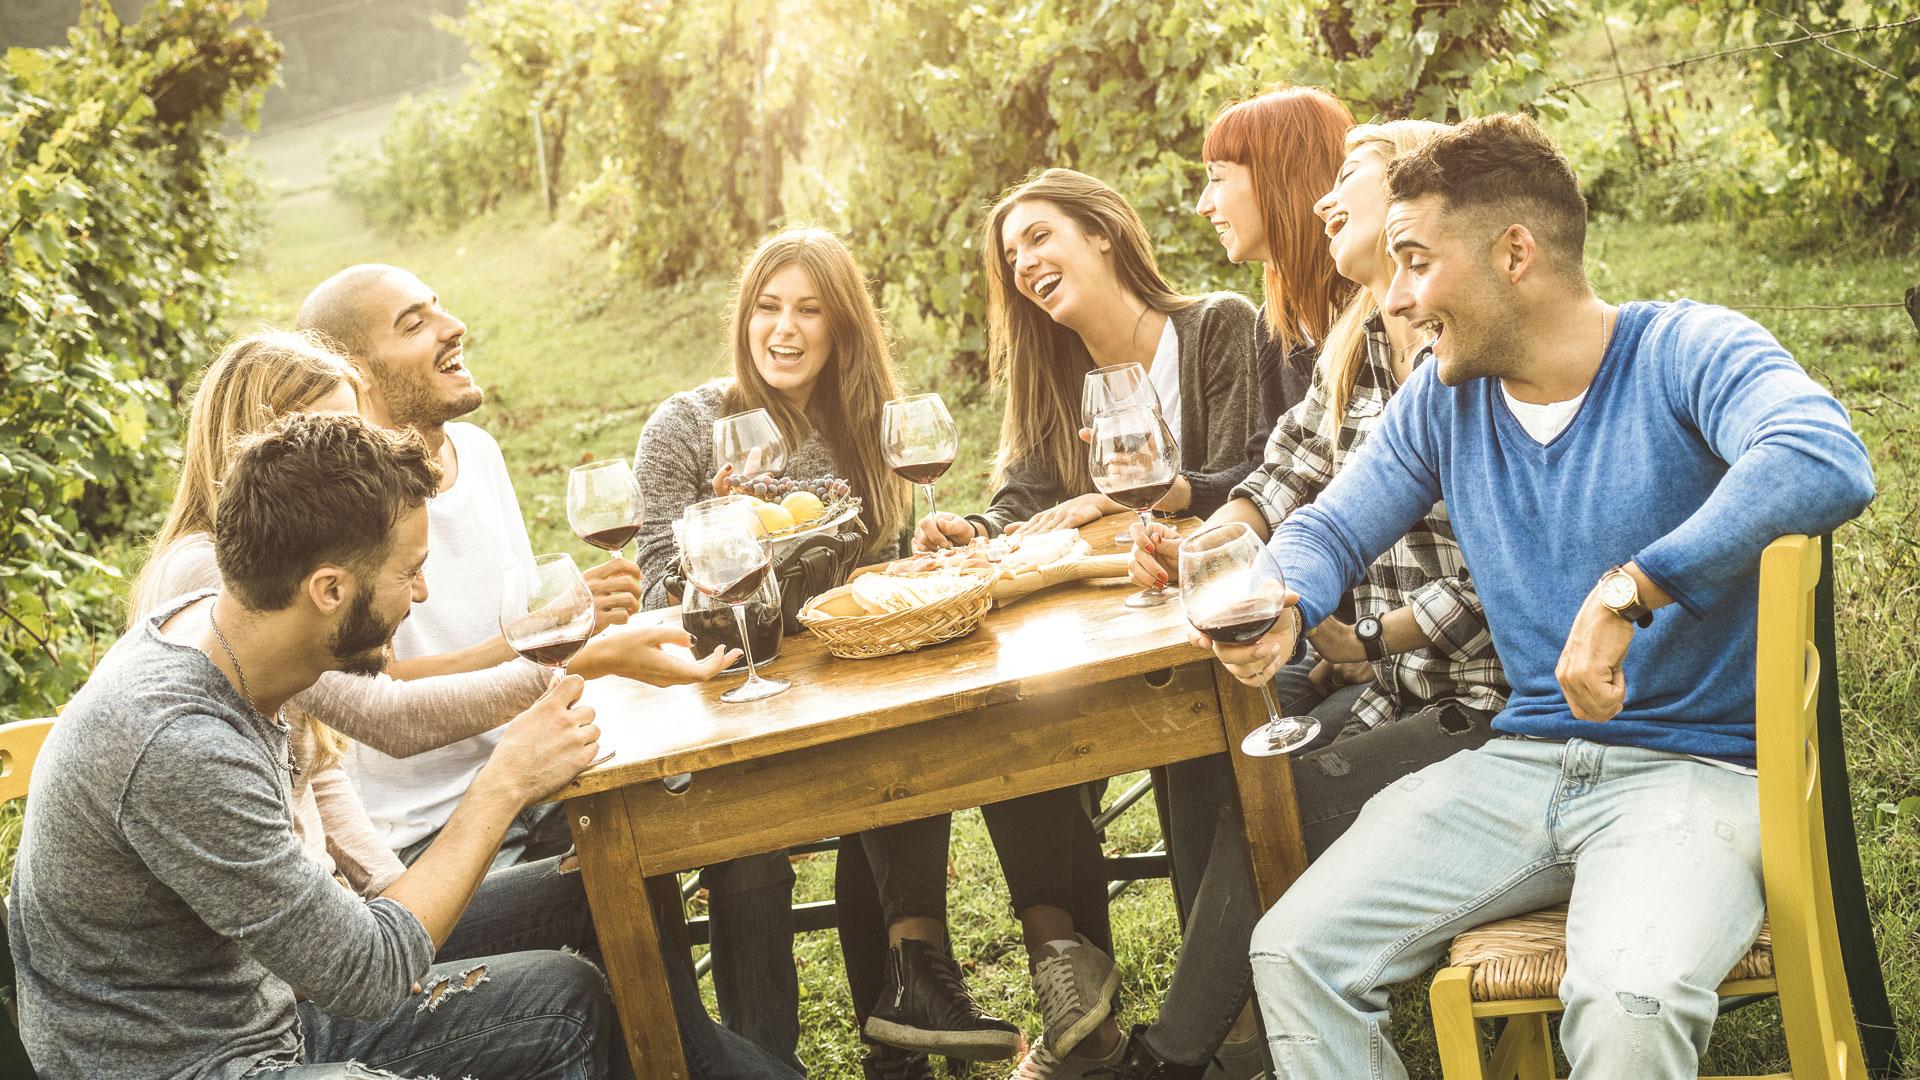 Leute sitzen im Weingarten und lachen